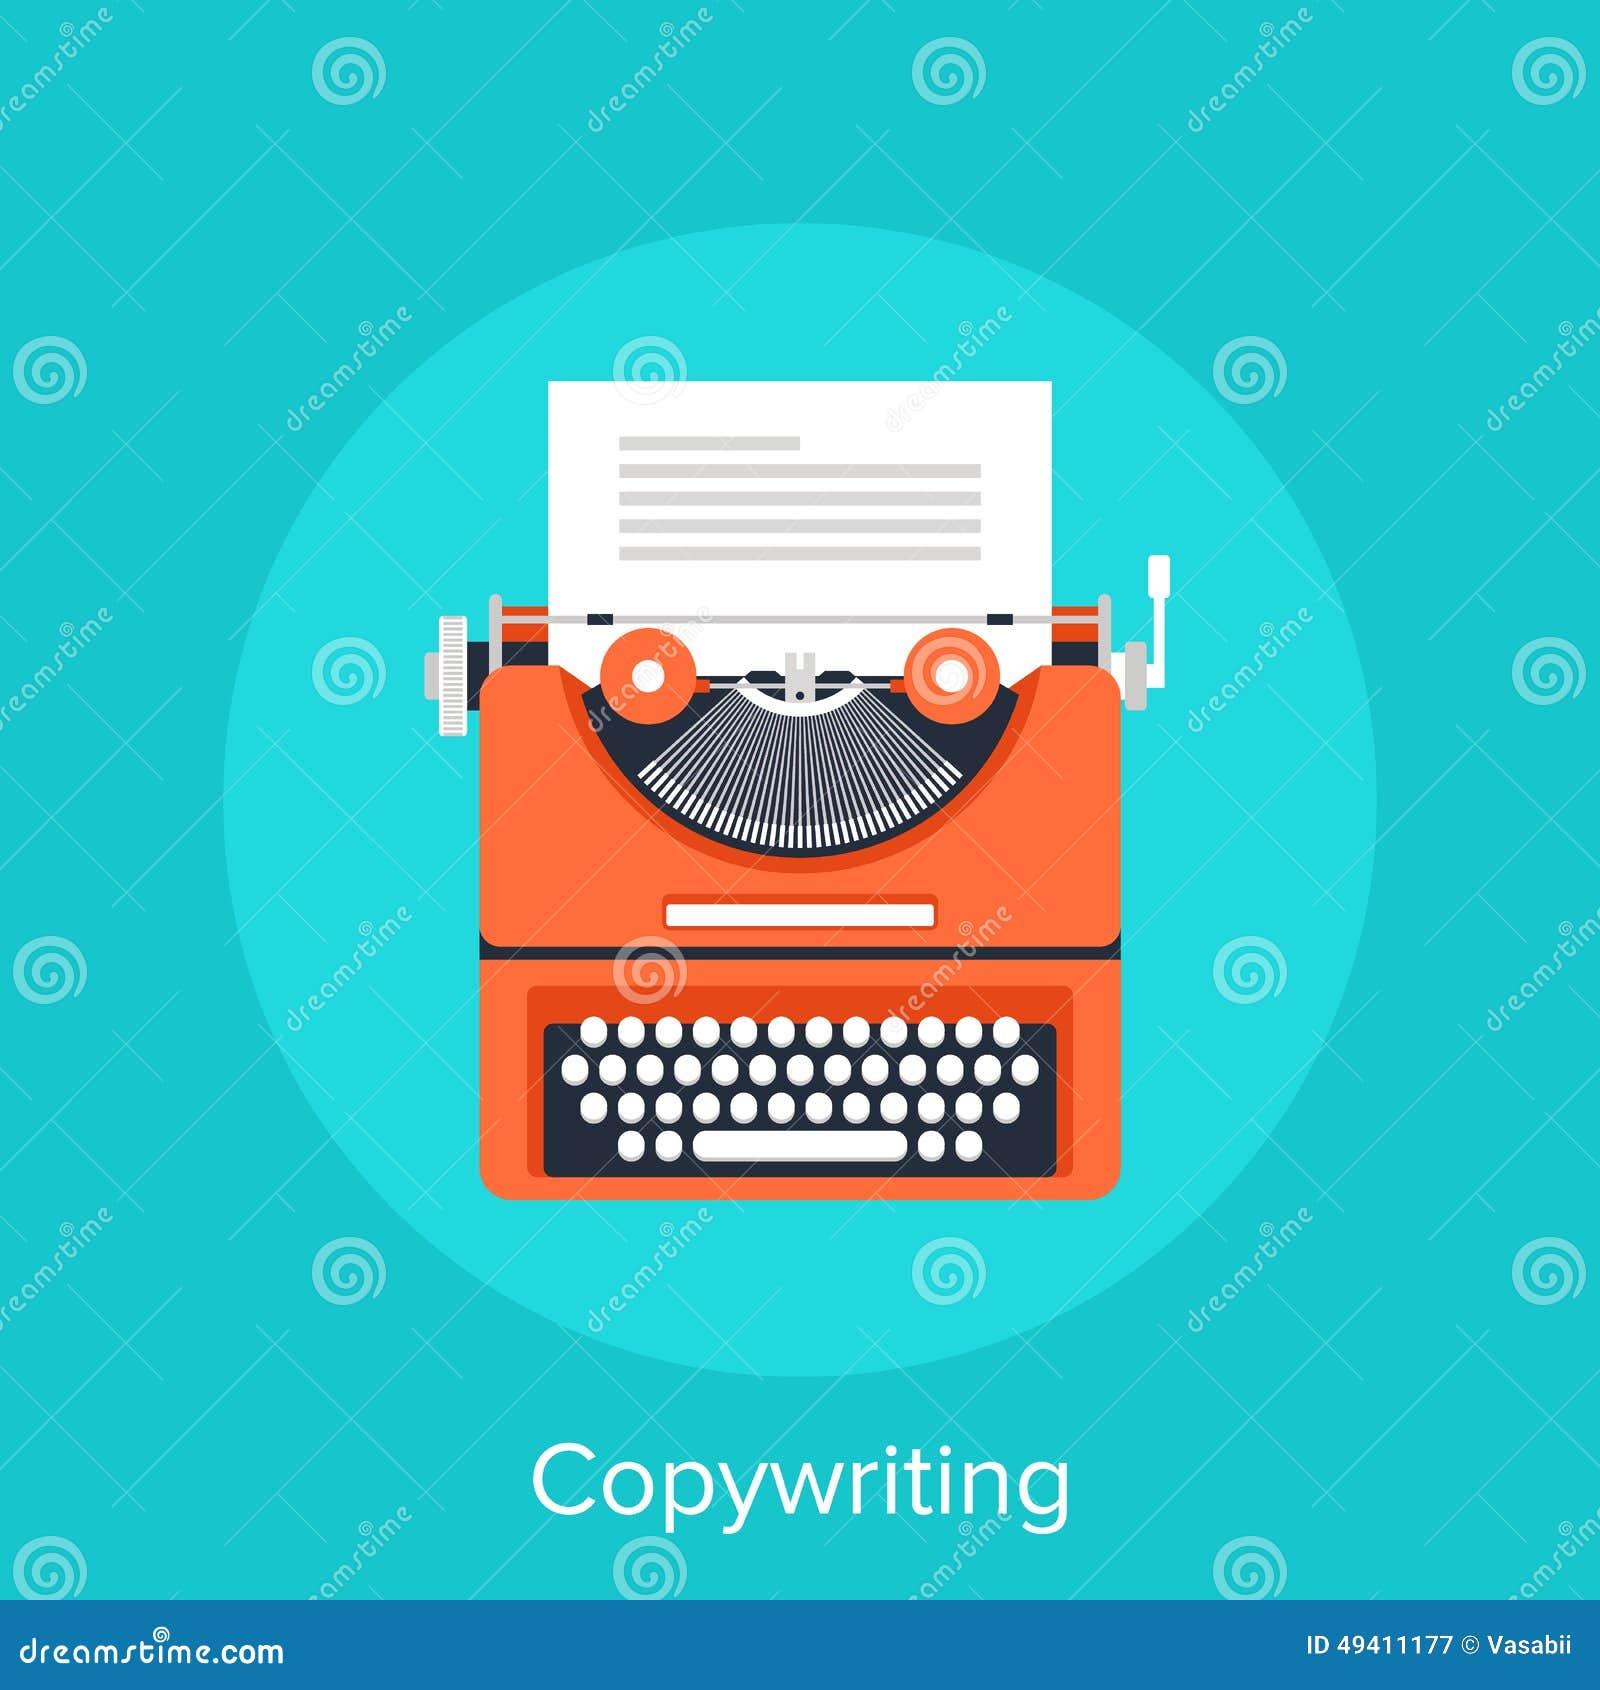 Download Copywriting stockbild. Bild von zeichen, seite, papier - 49411177